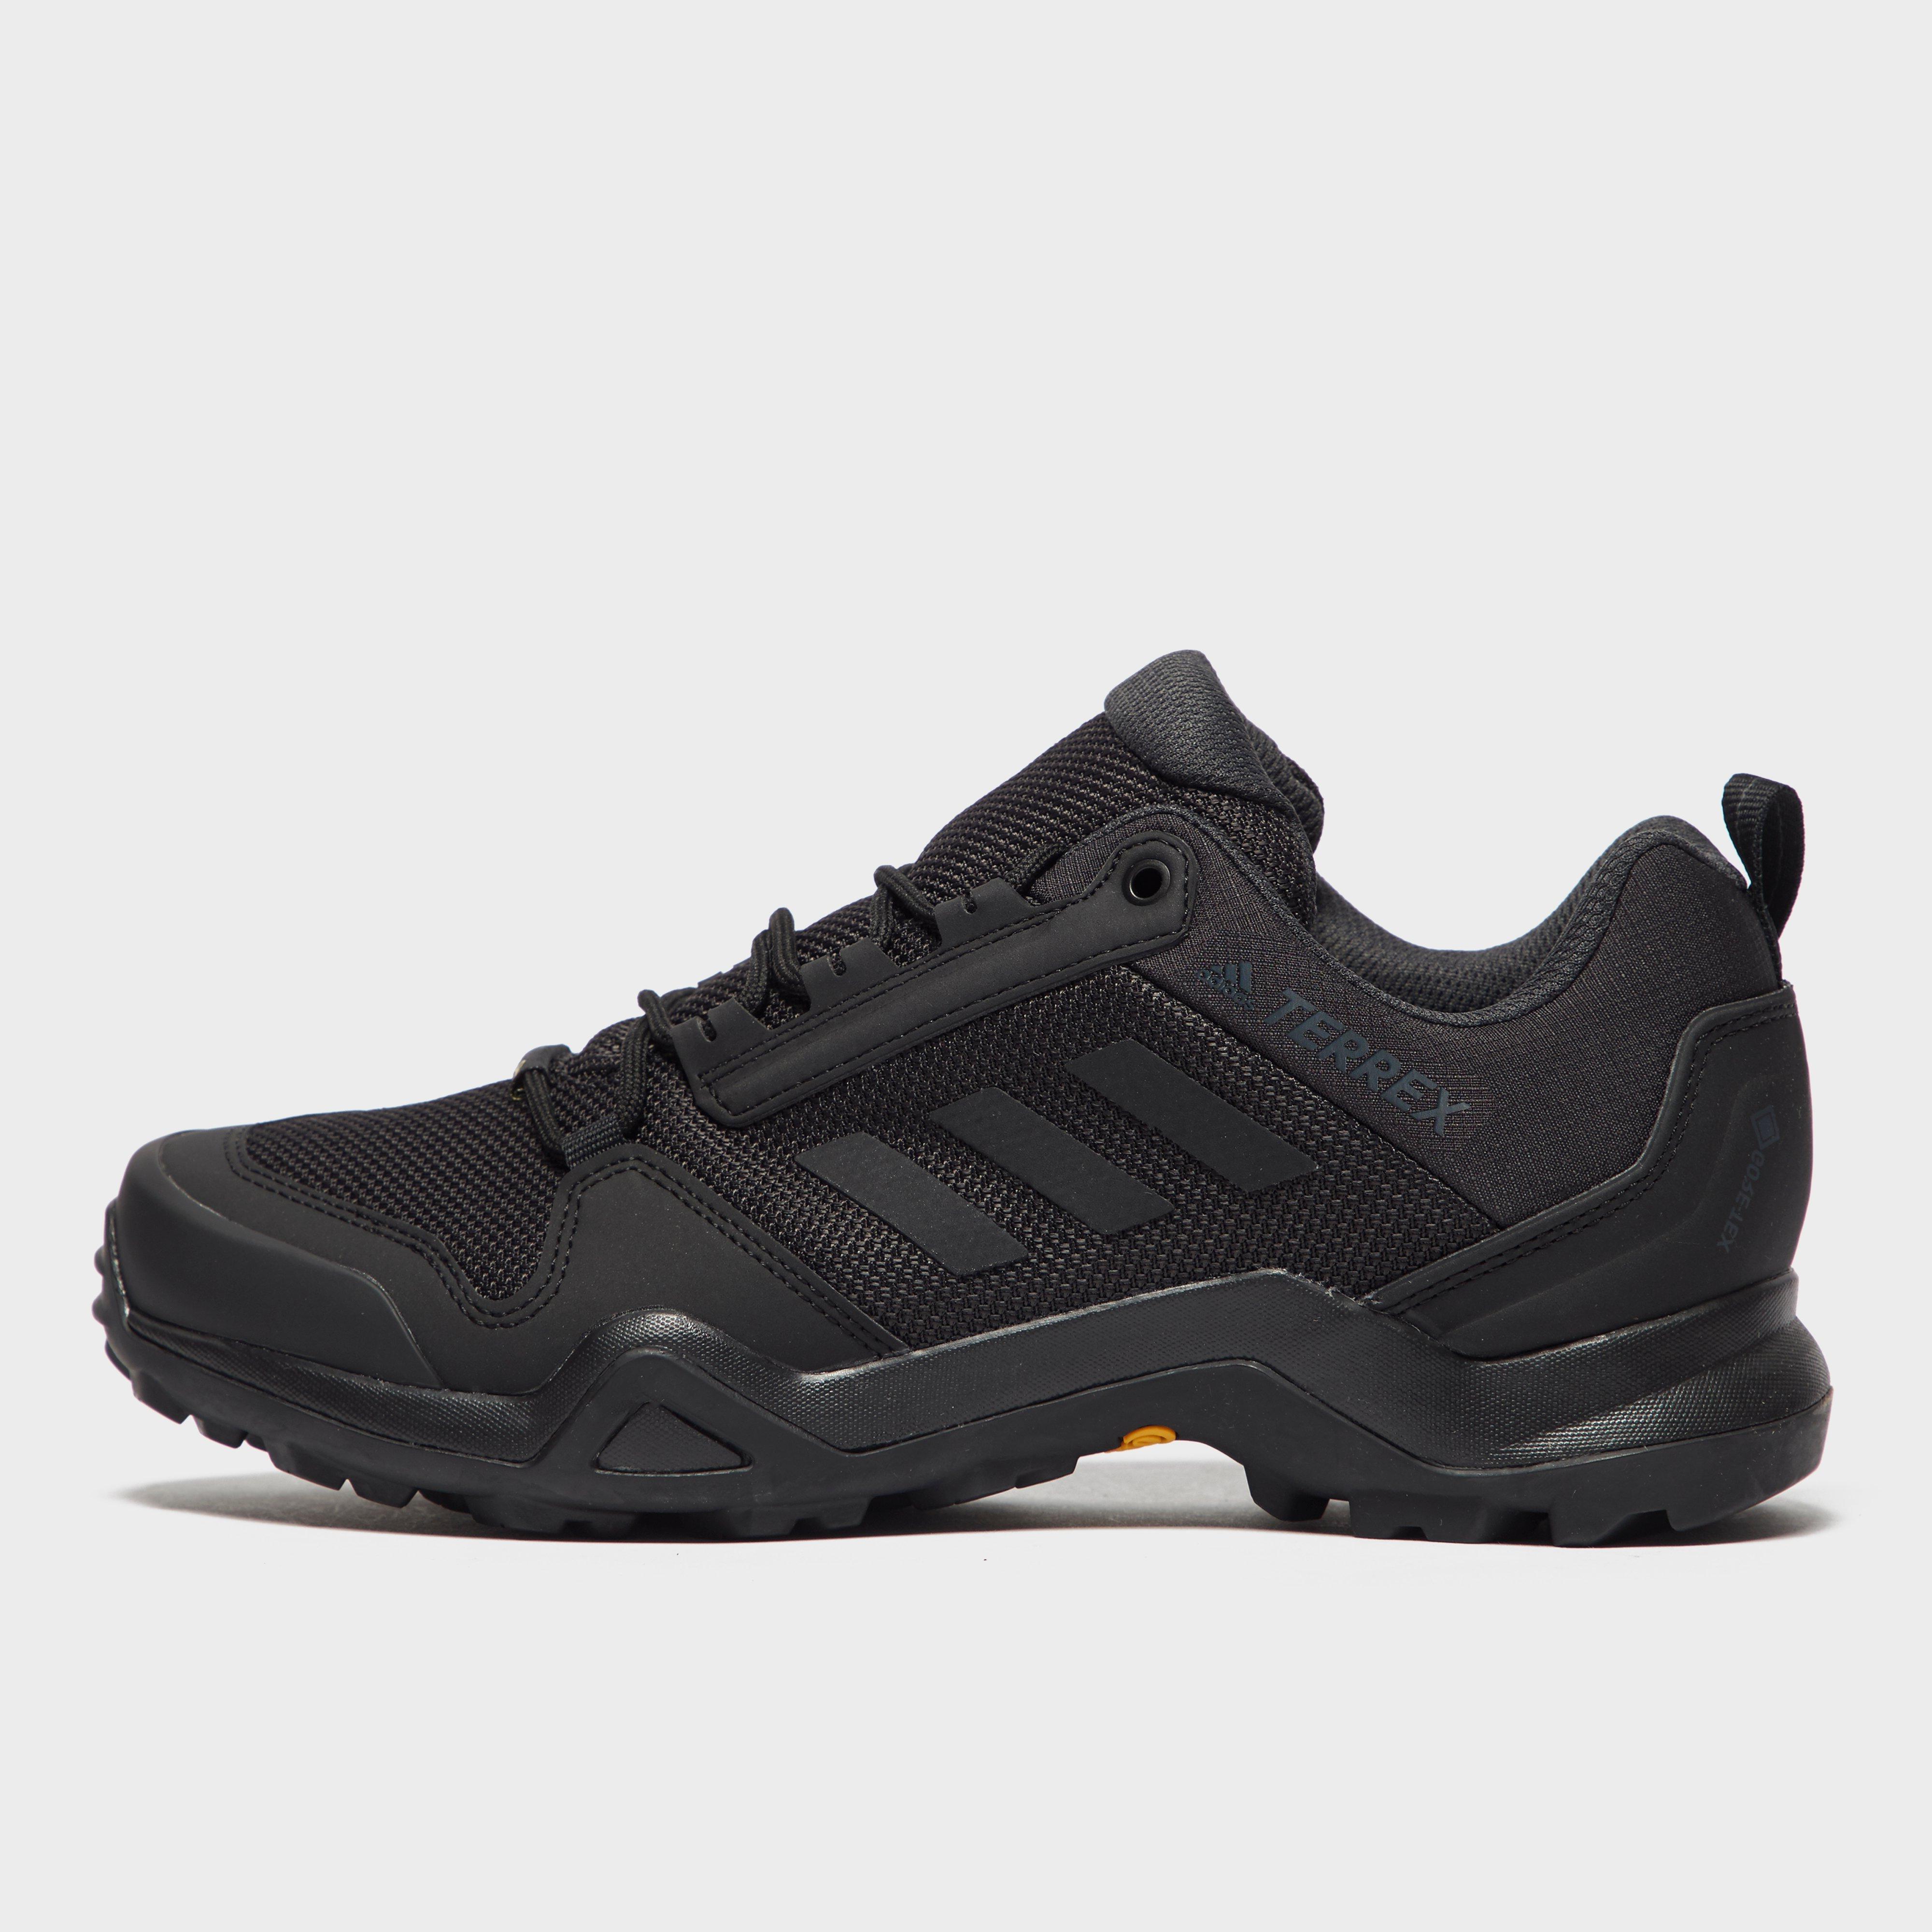 9ea70f82422c2 adidas Men's Terrex AX3 GORE-TEX® Shoes image 1